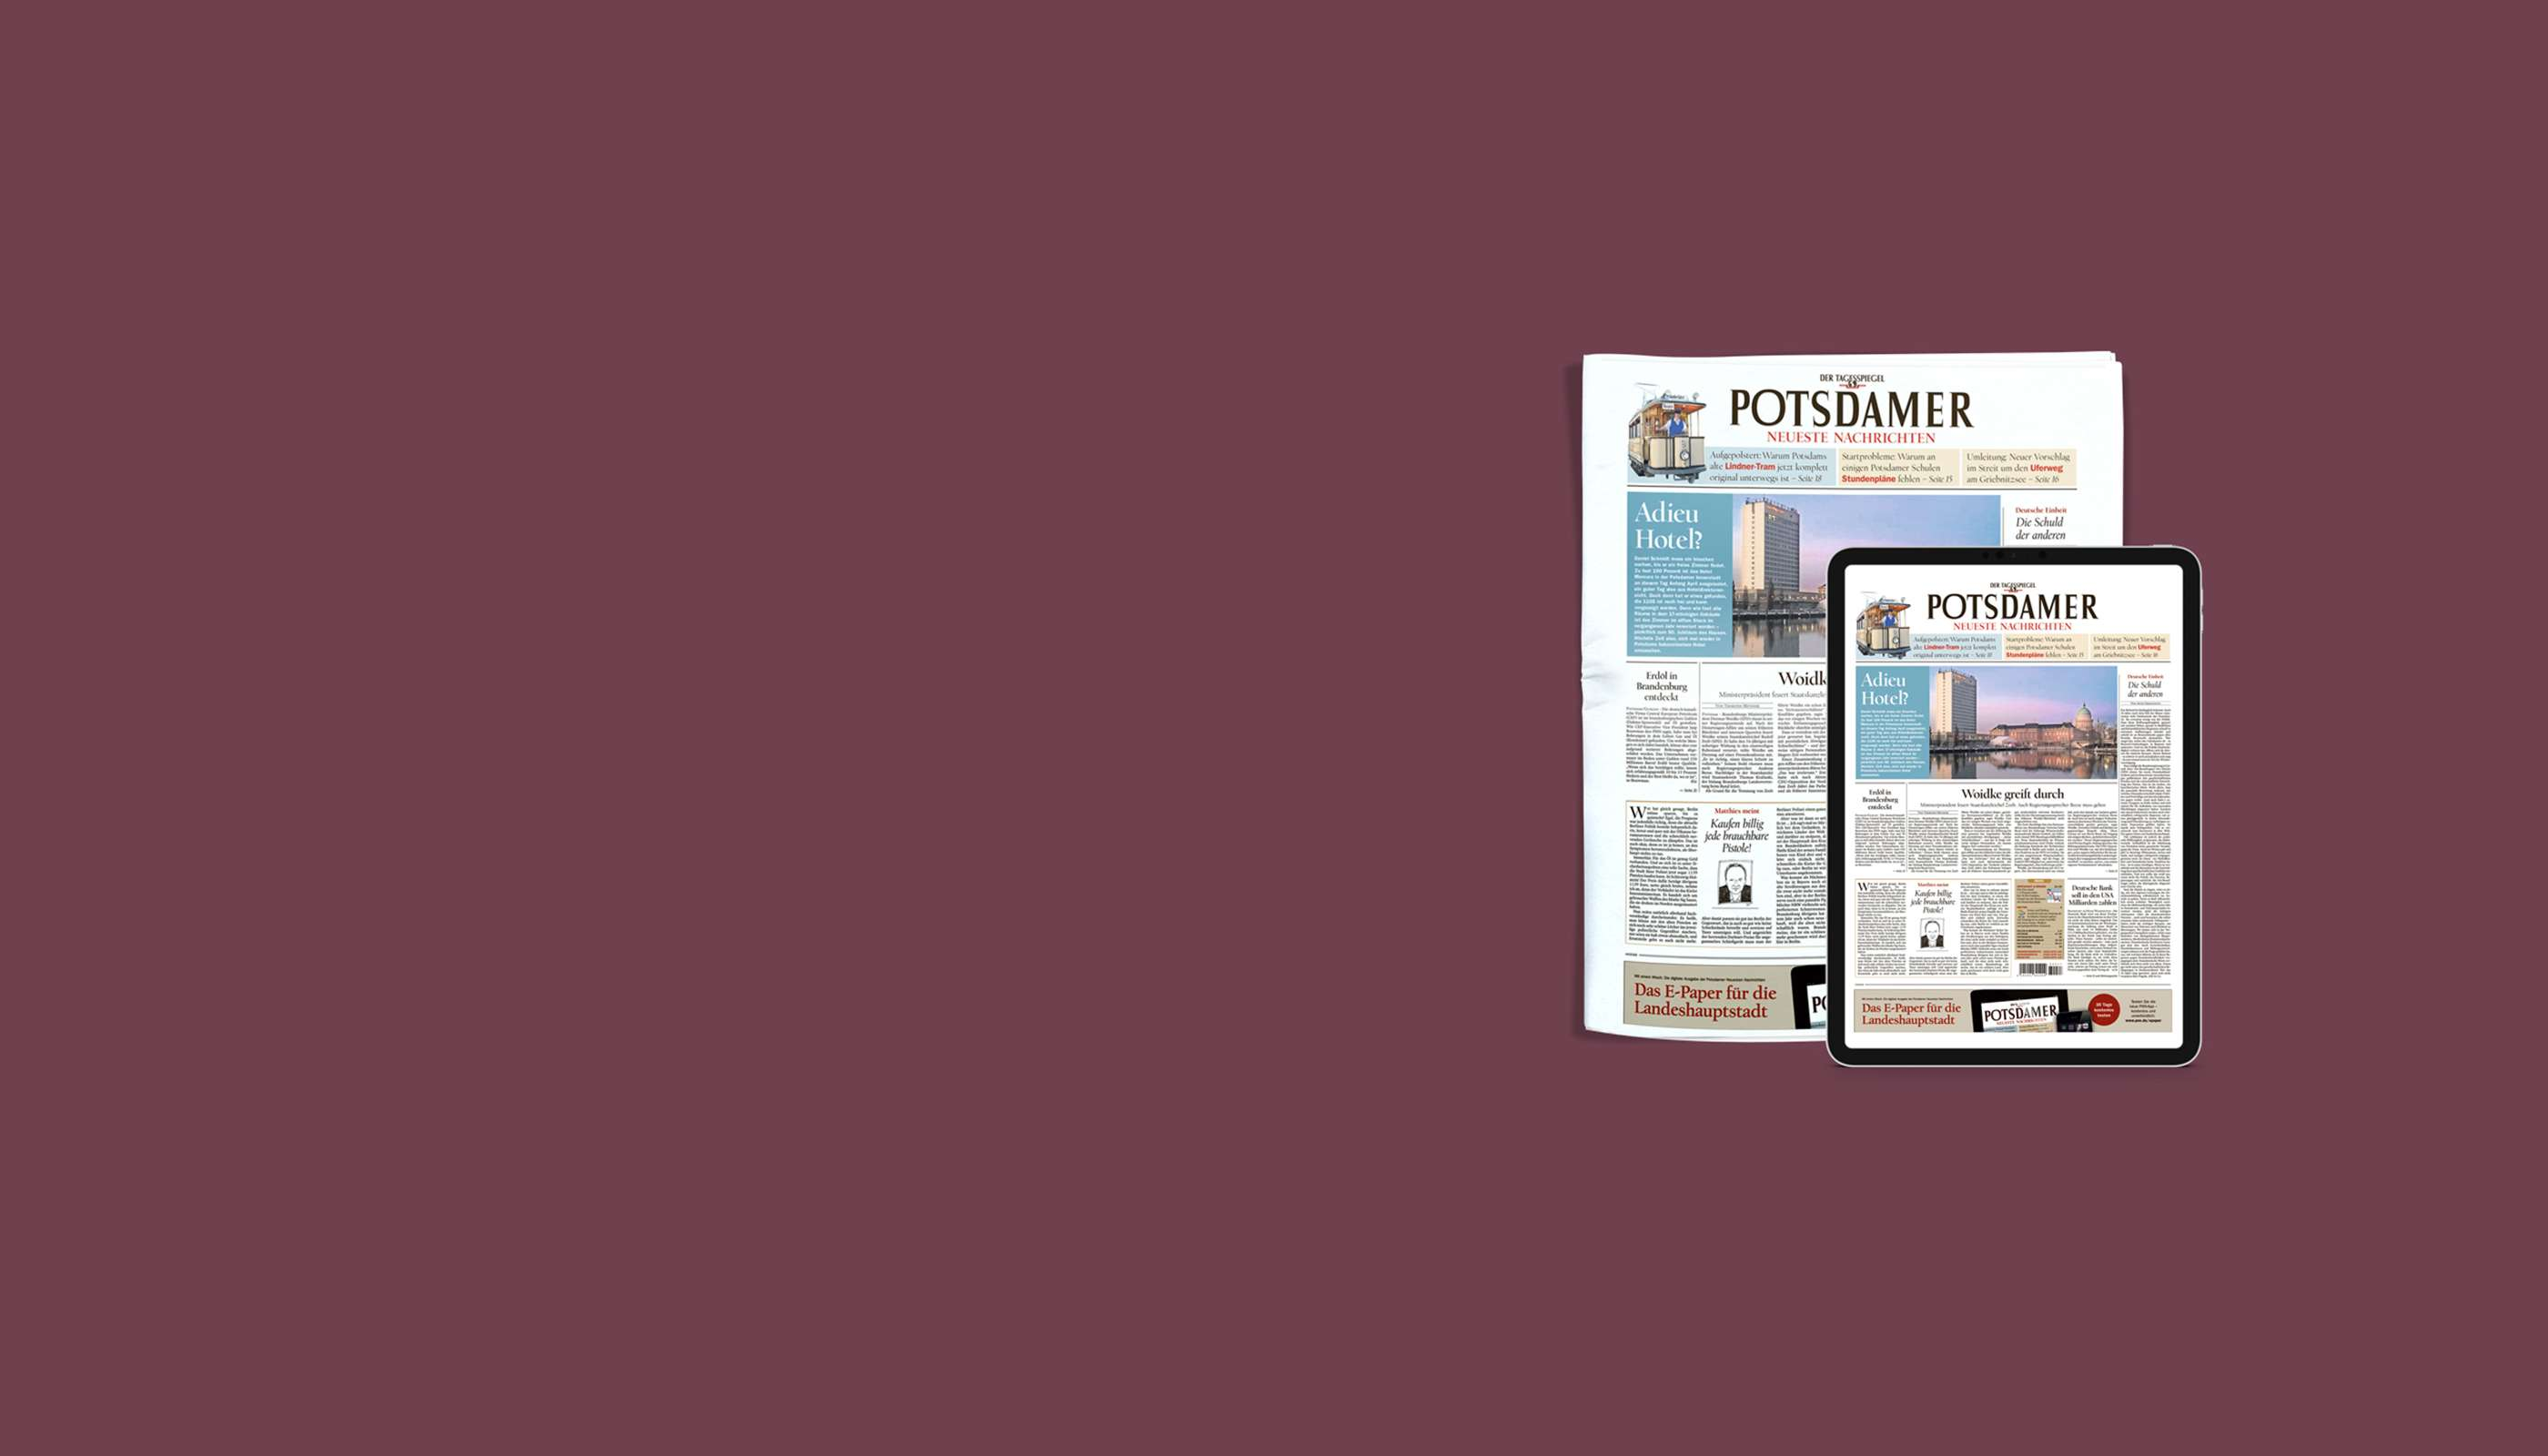 Jetzt die Potsdamer Neueste Nachrichten gratis testen